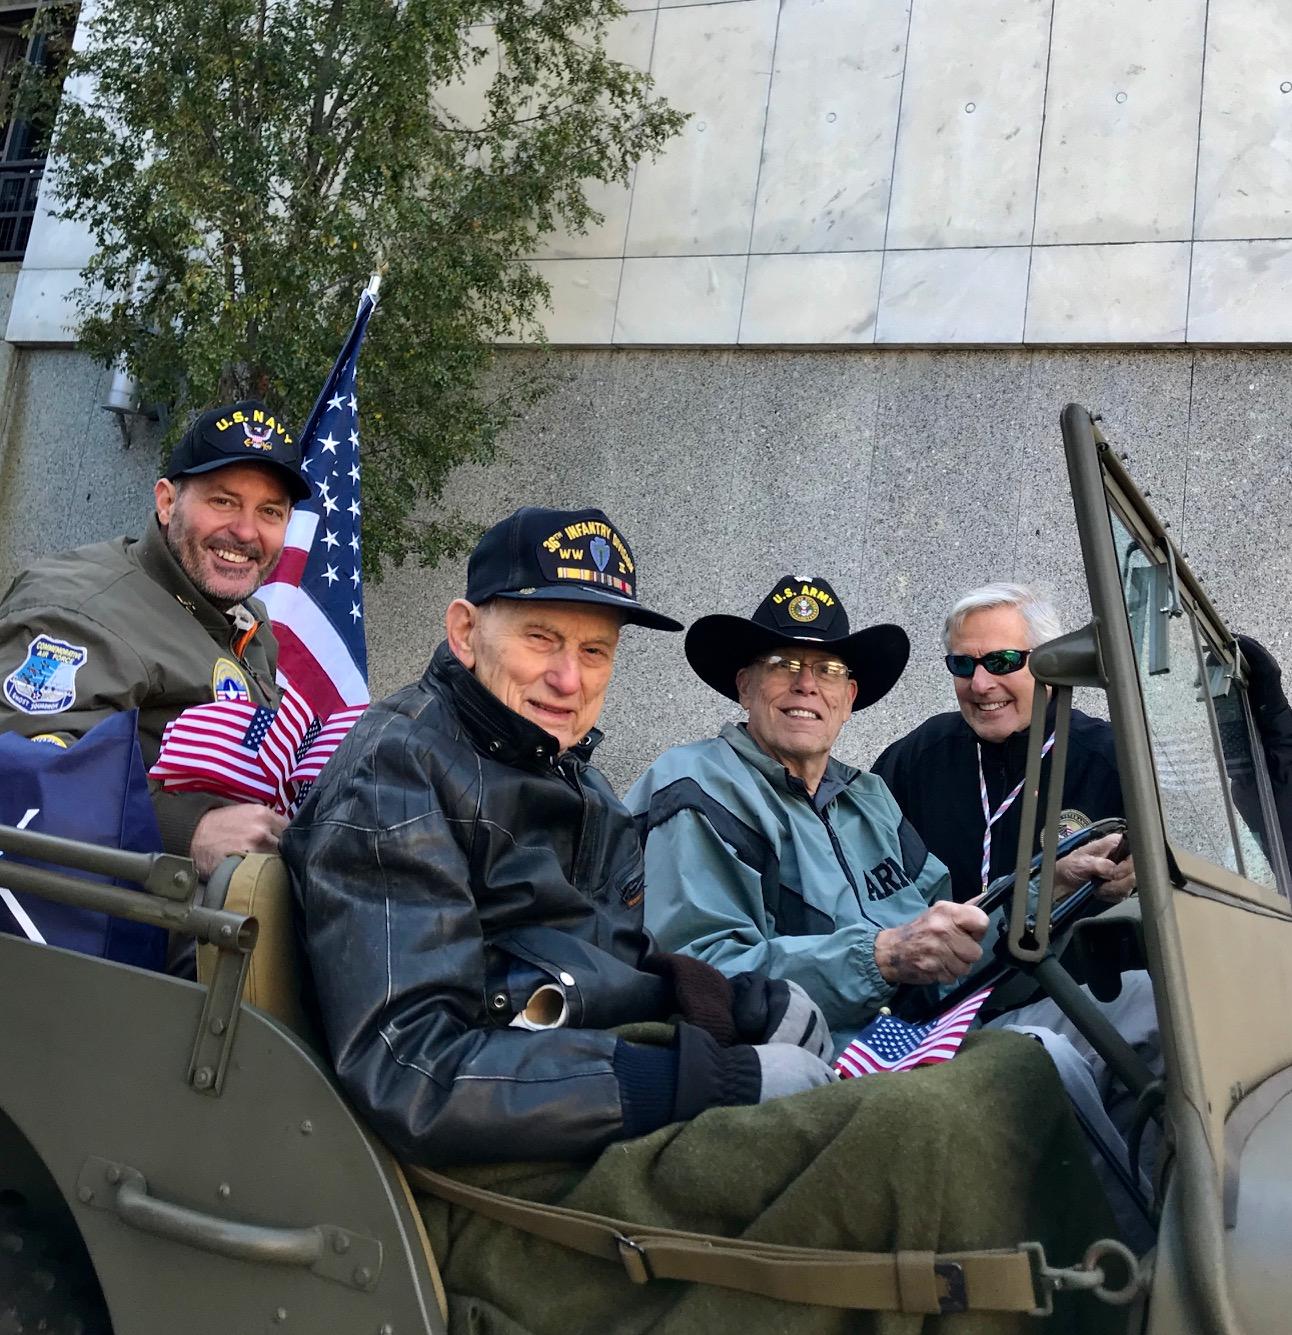 VeteransDayParade2019_44